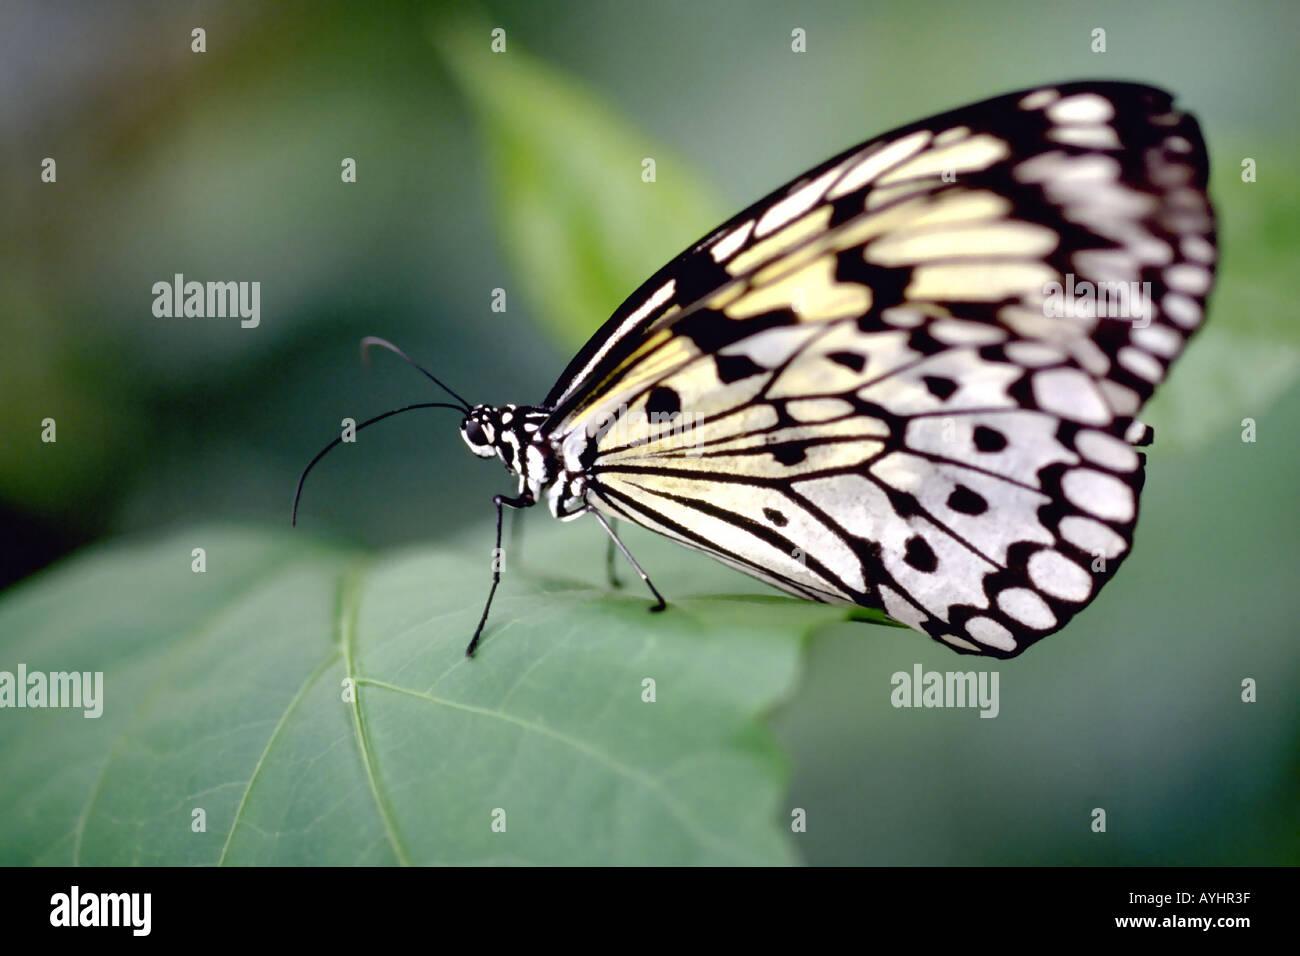 Weisse Baumnymphe tropischer Schmetterling sitzt auf einem Blatt - Stock Image